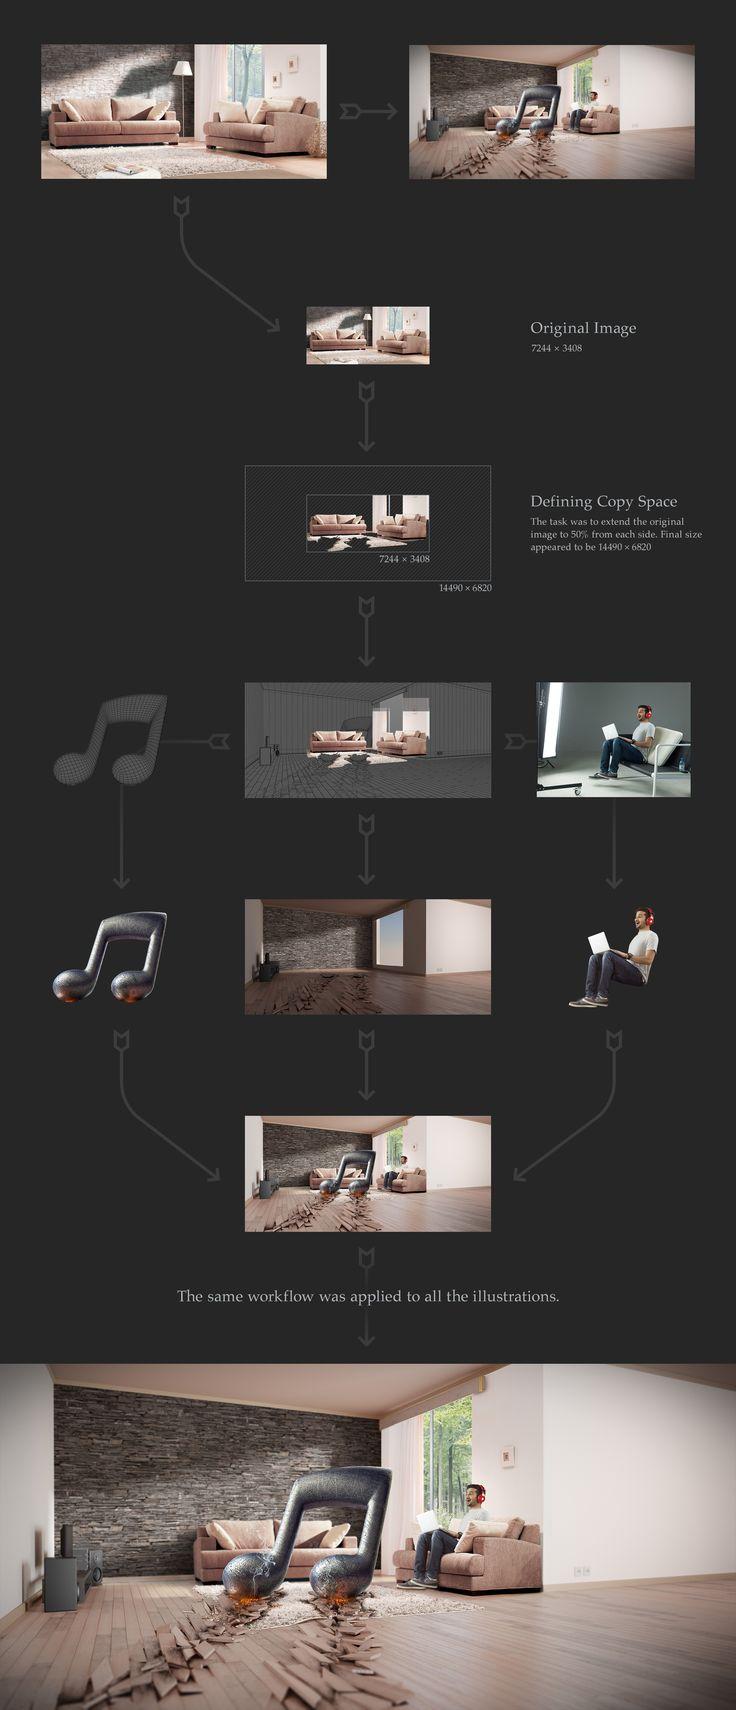 Fiber Optics Ad for Telecom : Print Illustrations & Video